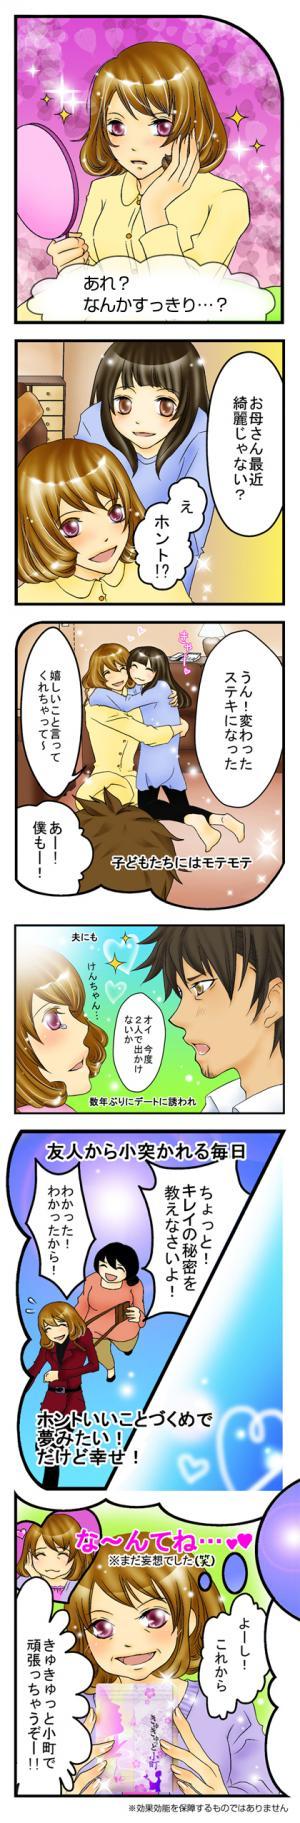 kyukyu_comic_3_convert_20130524143617.jpg